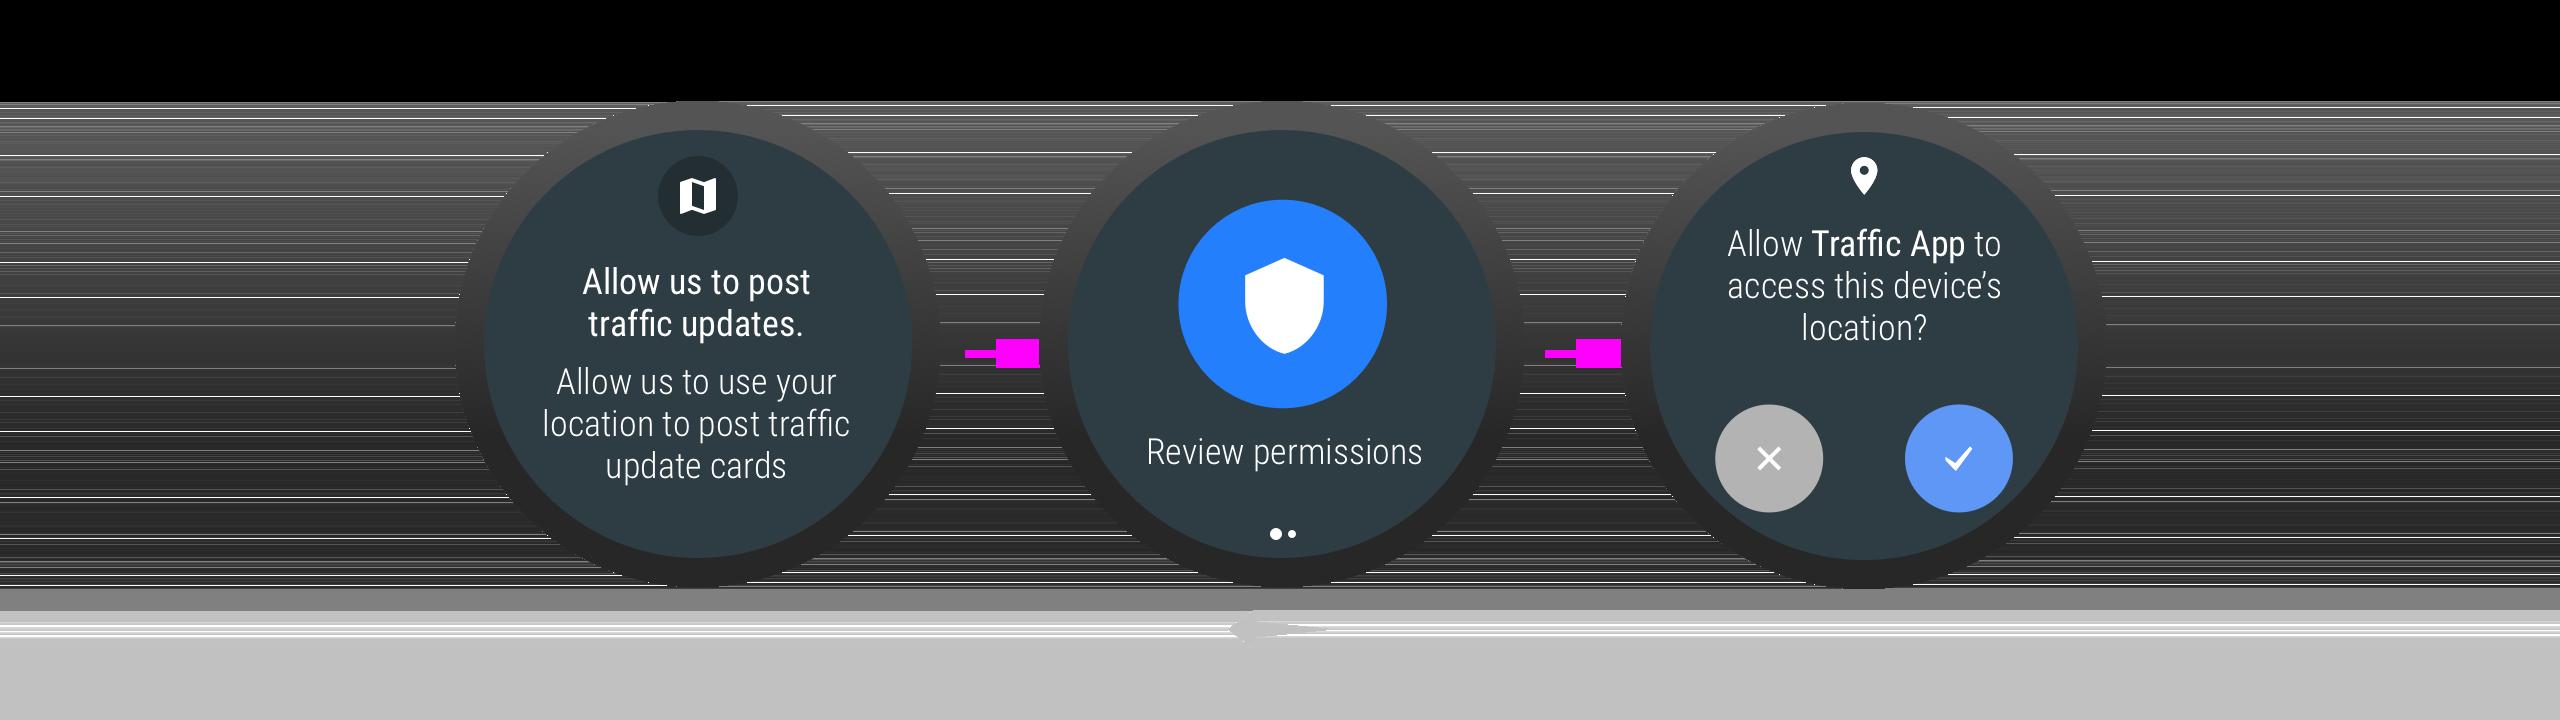 El usuario podría necesitar otorgar un permiso al interactuar de forma indirecta con una app, mediante un servicio.